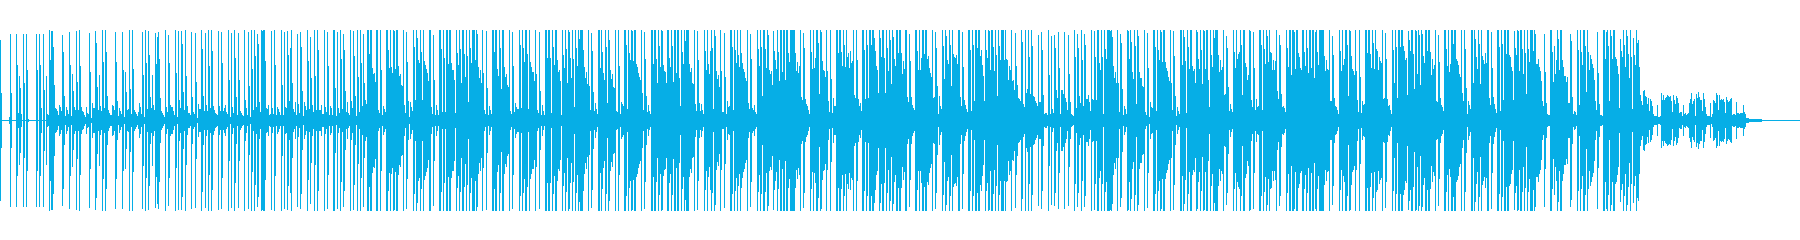 おしゃれでちょっぴり切ない癒しチルアウトの再生済みの波形